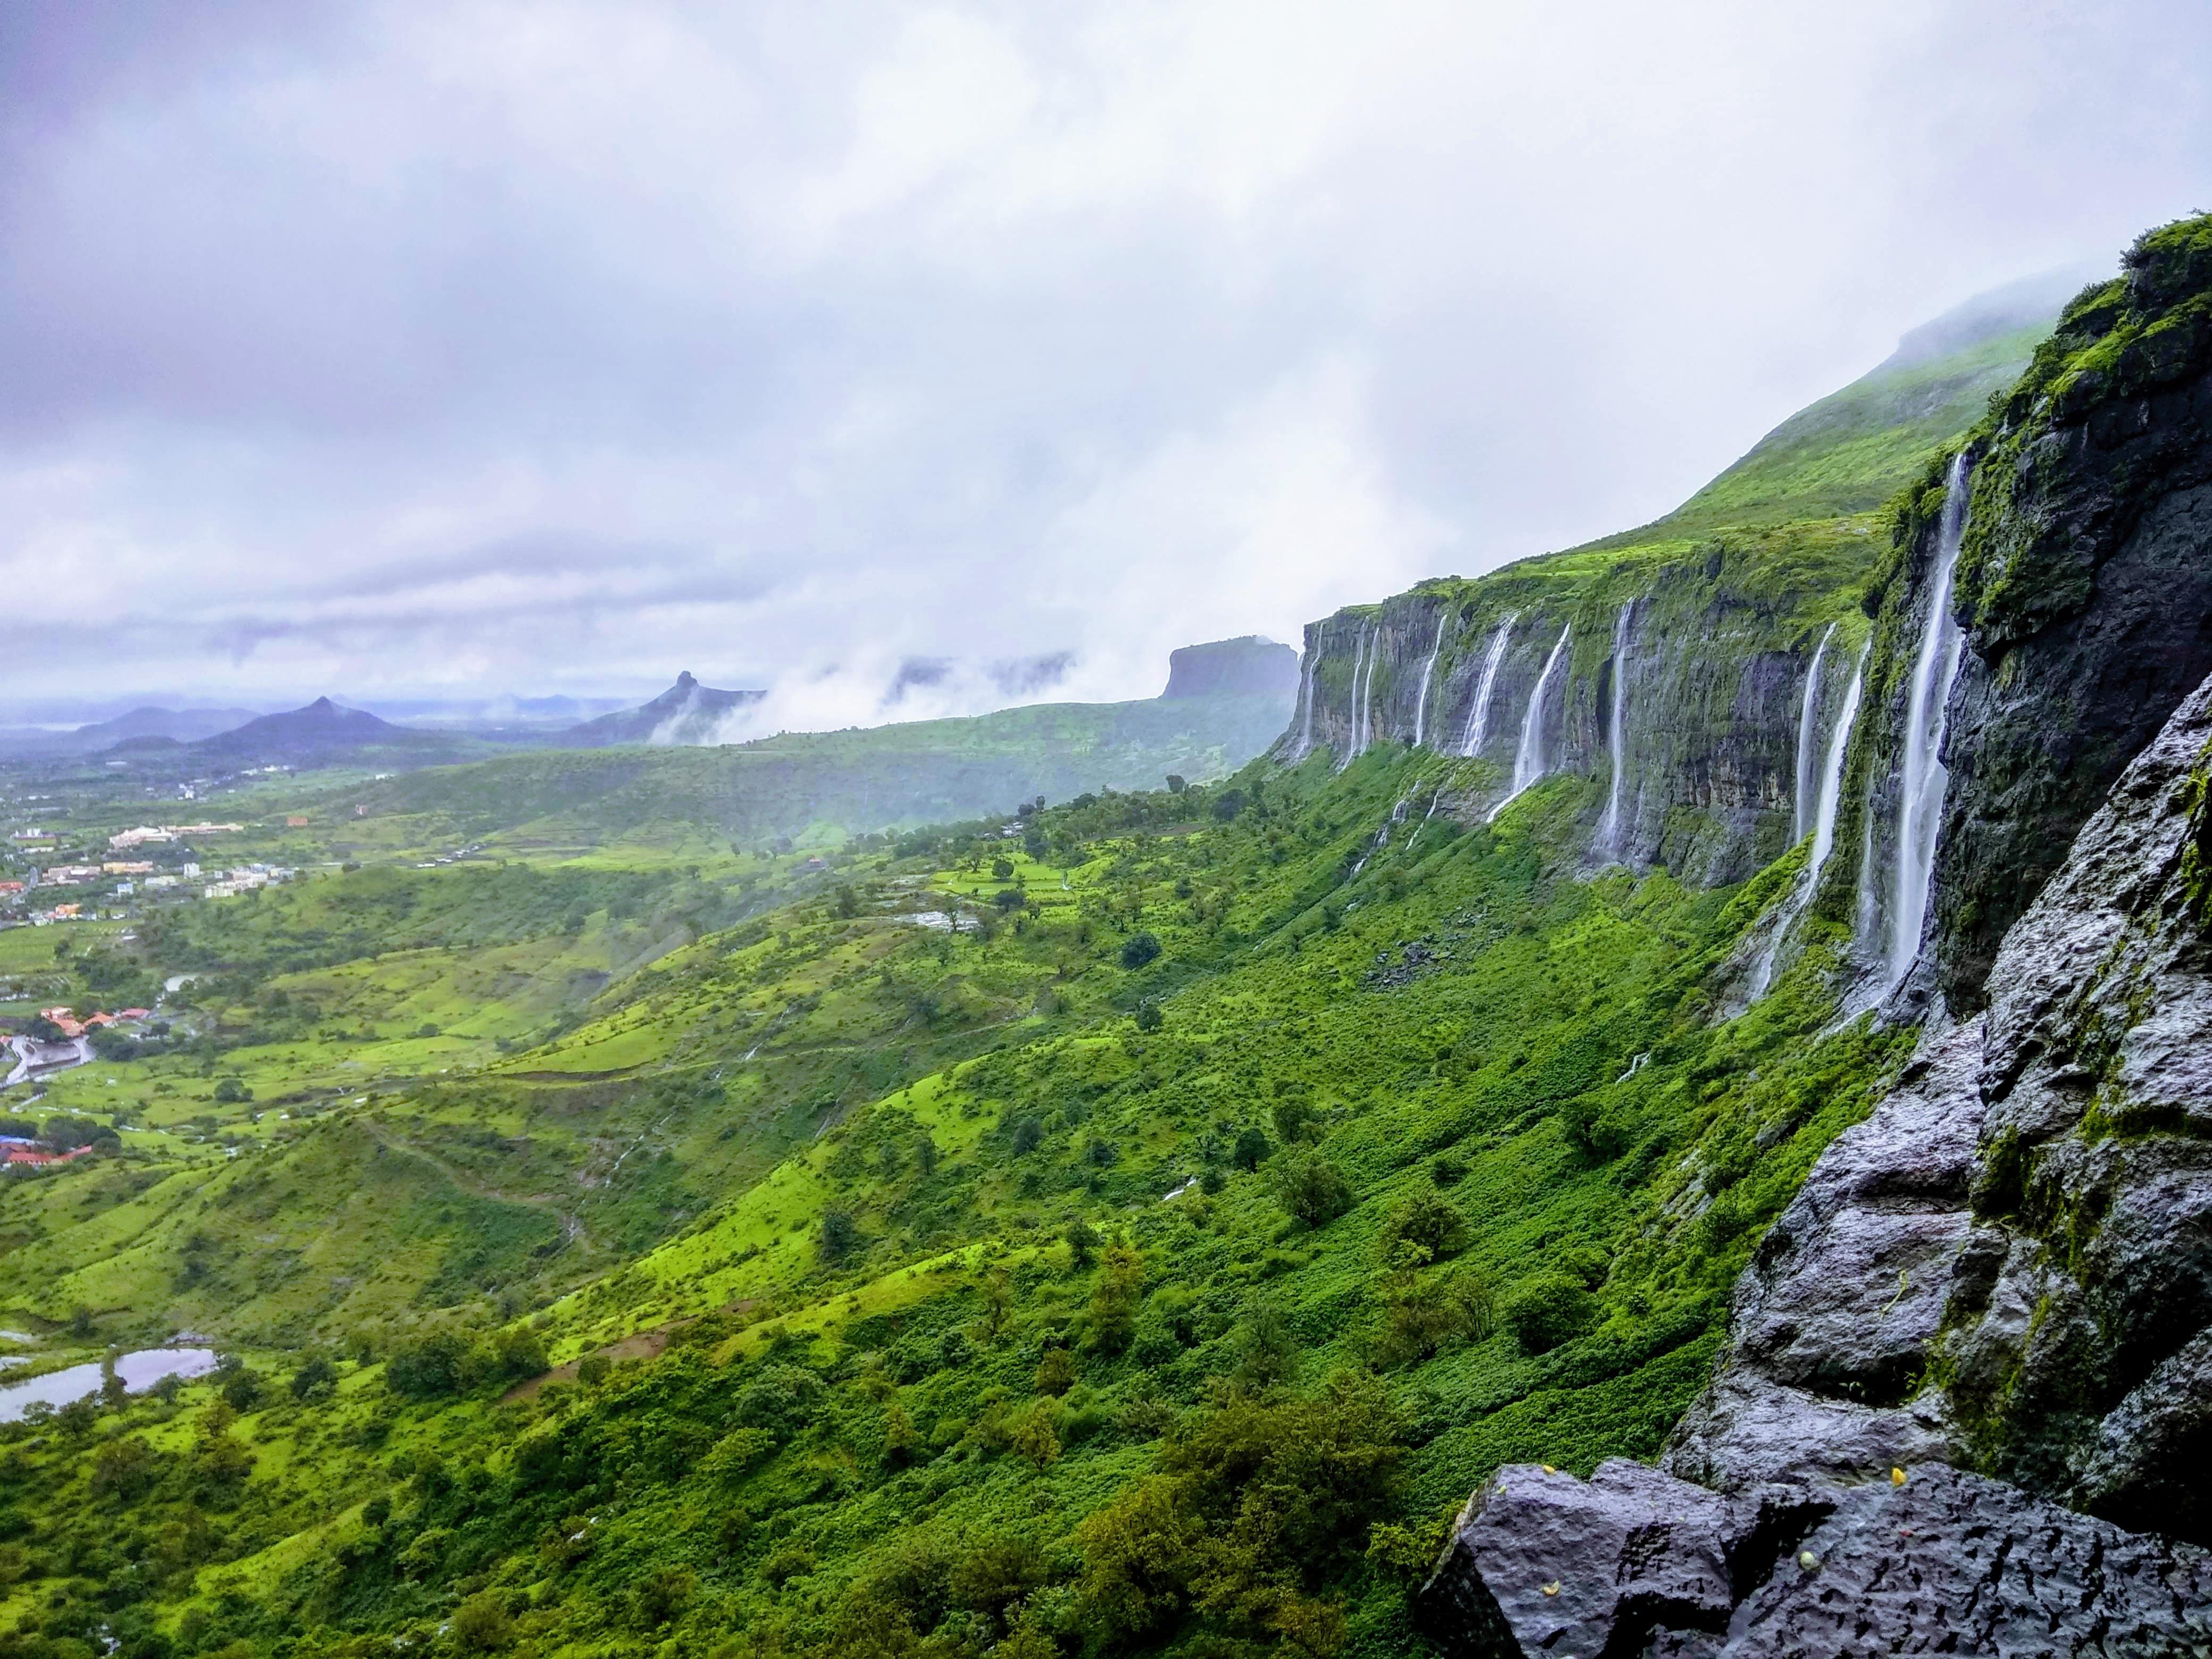 waterfalls on rock mountain during daytime